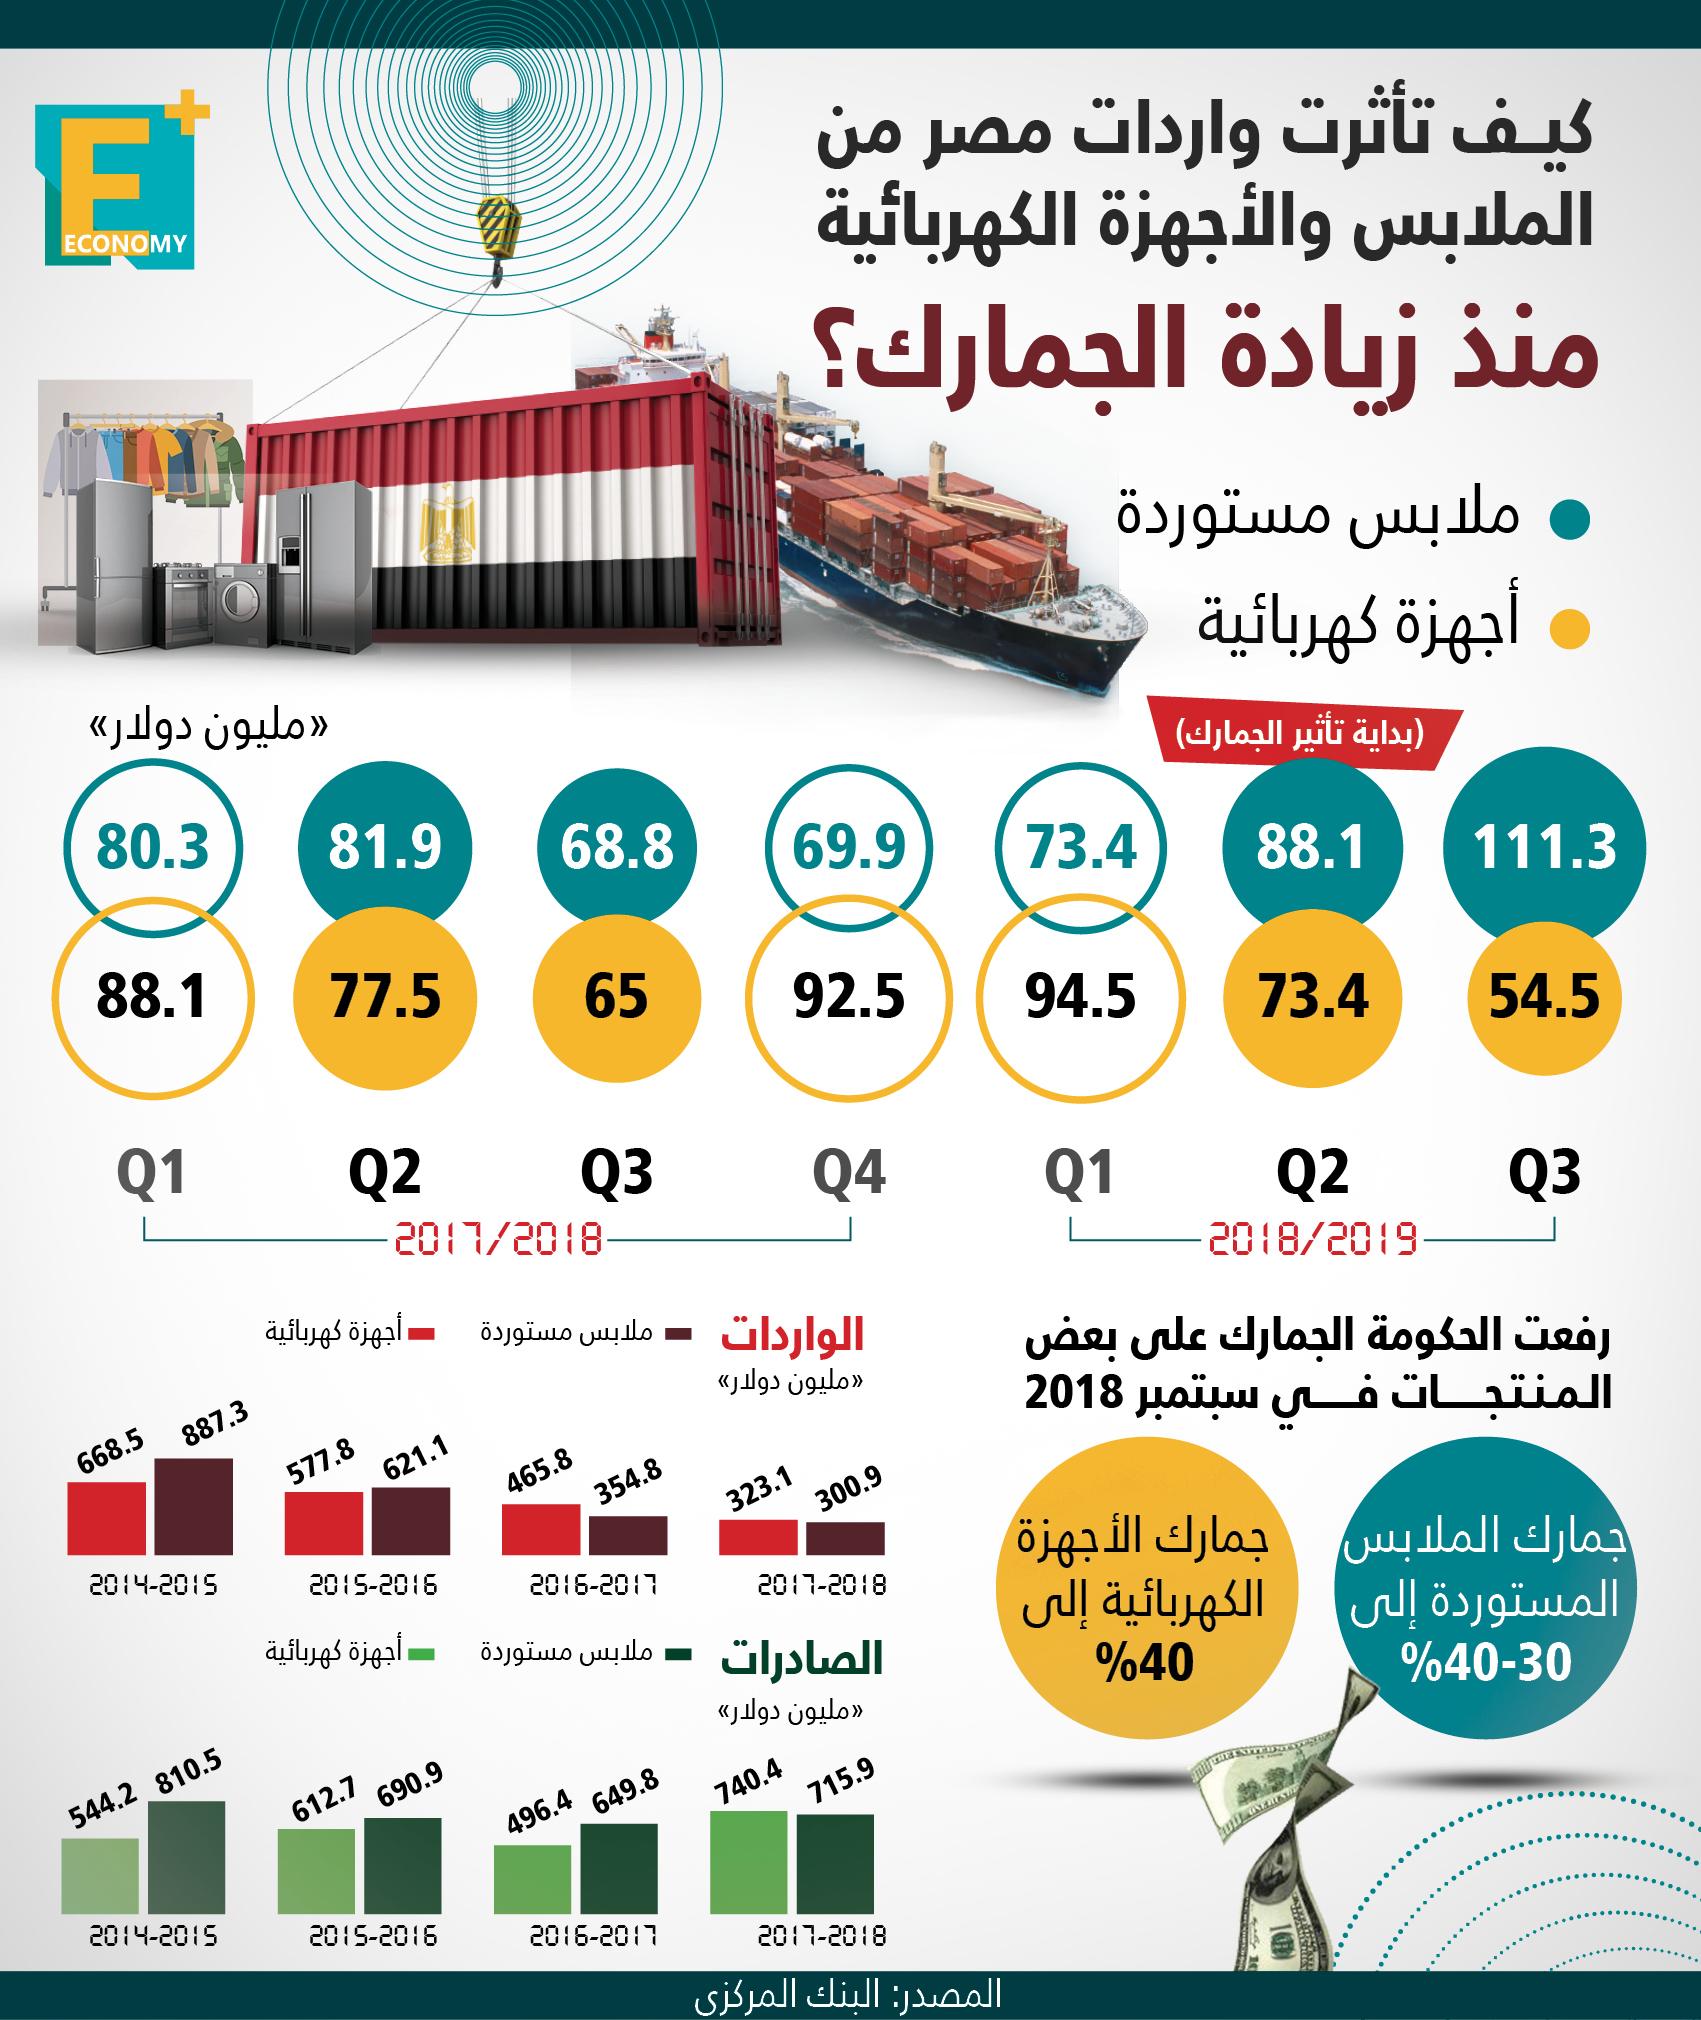 كيف تأثرت واردات مصر من الملابس والأجهزة الكهربائية منذ زيادة الجمارك؟